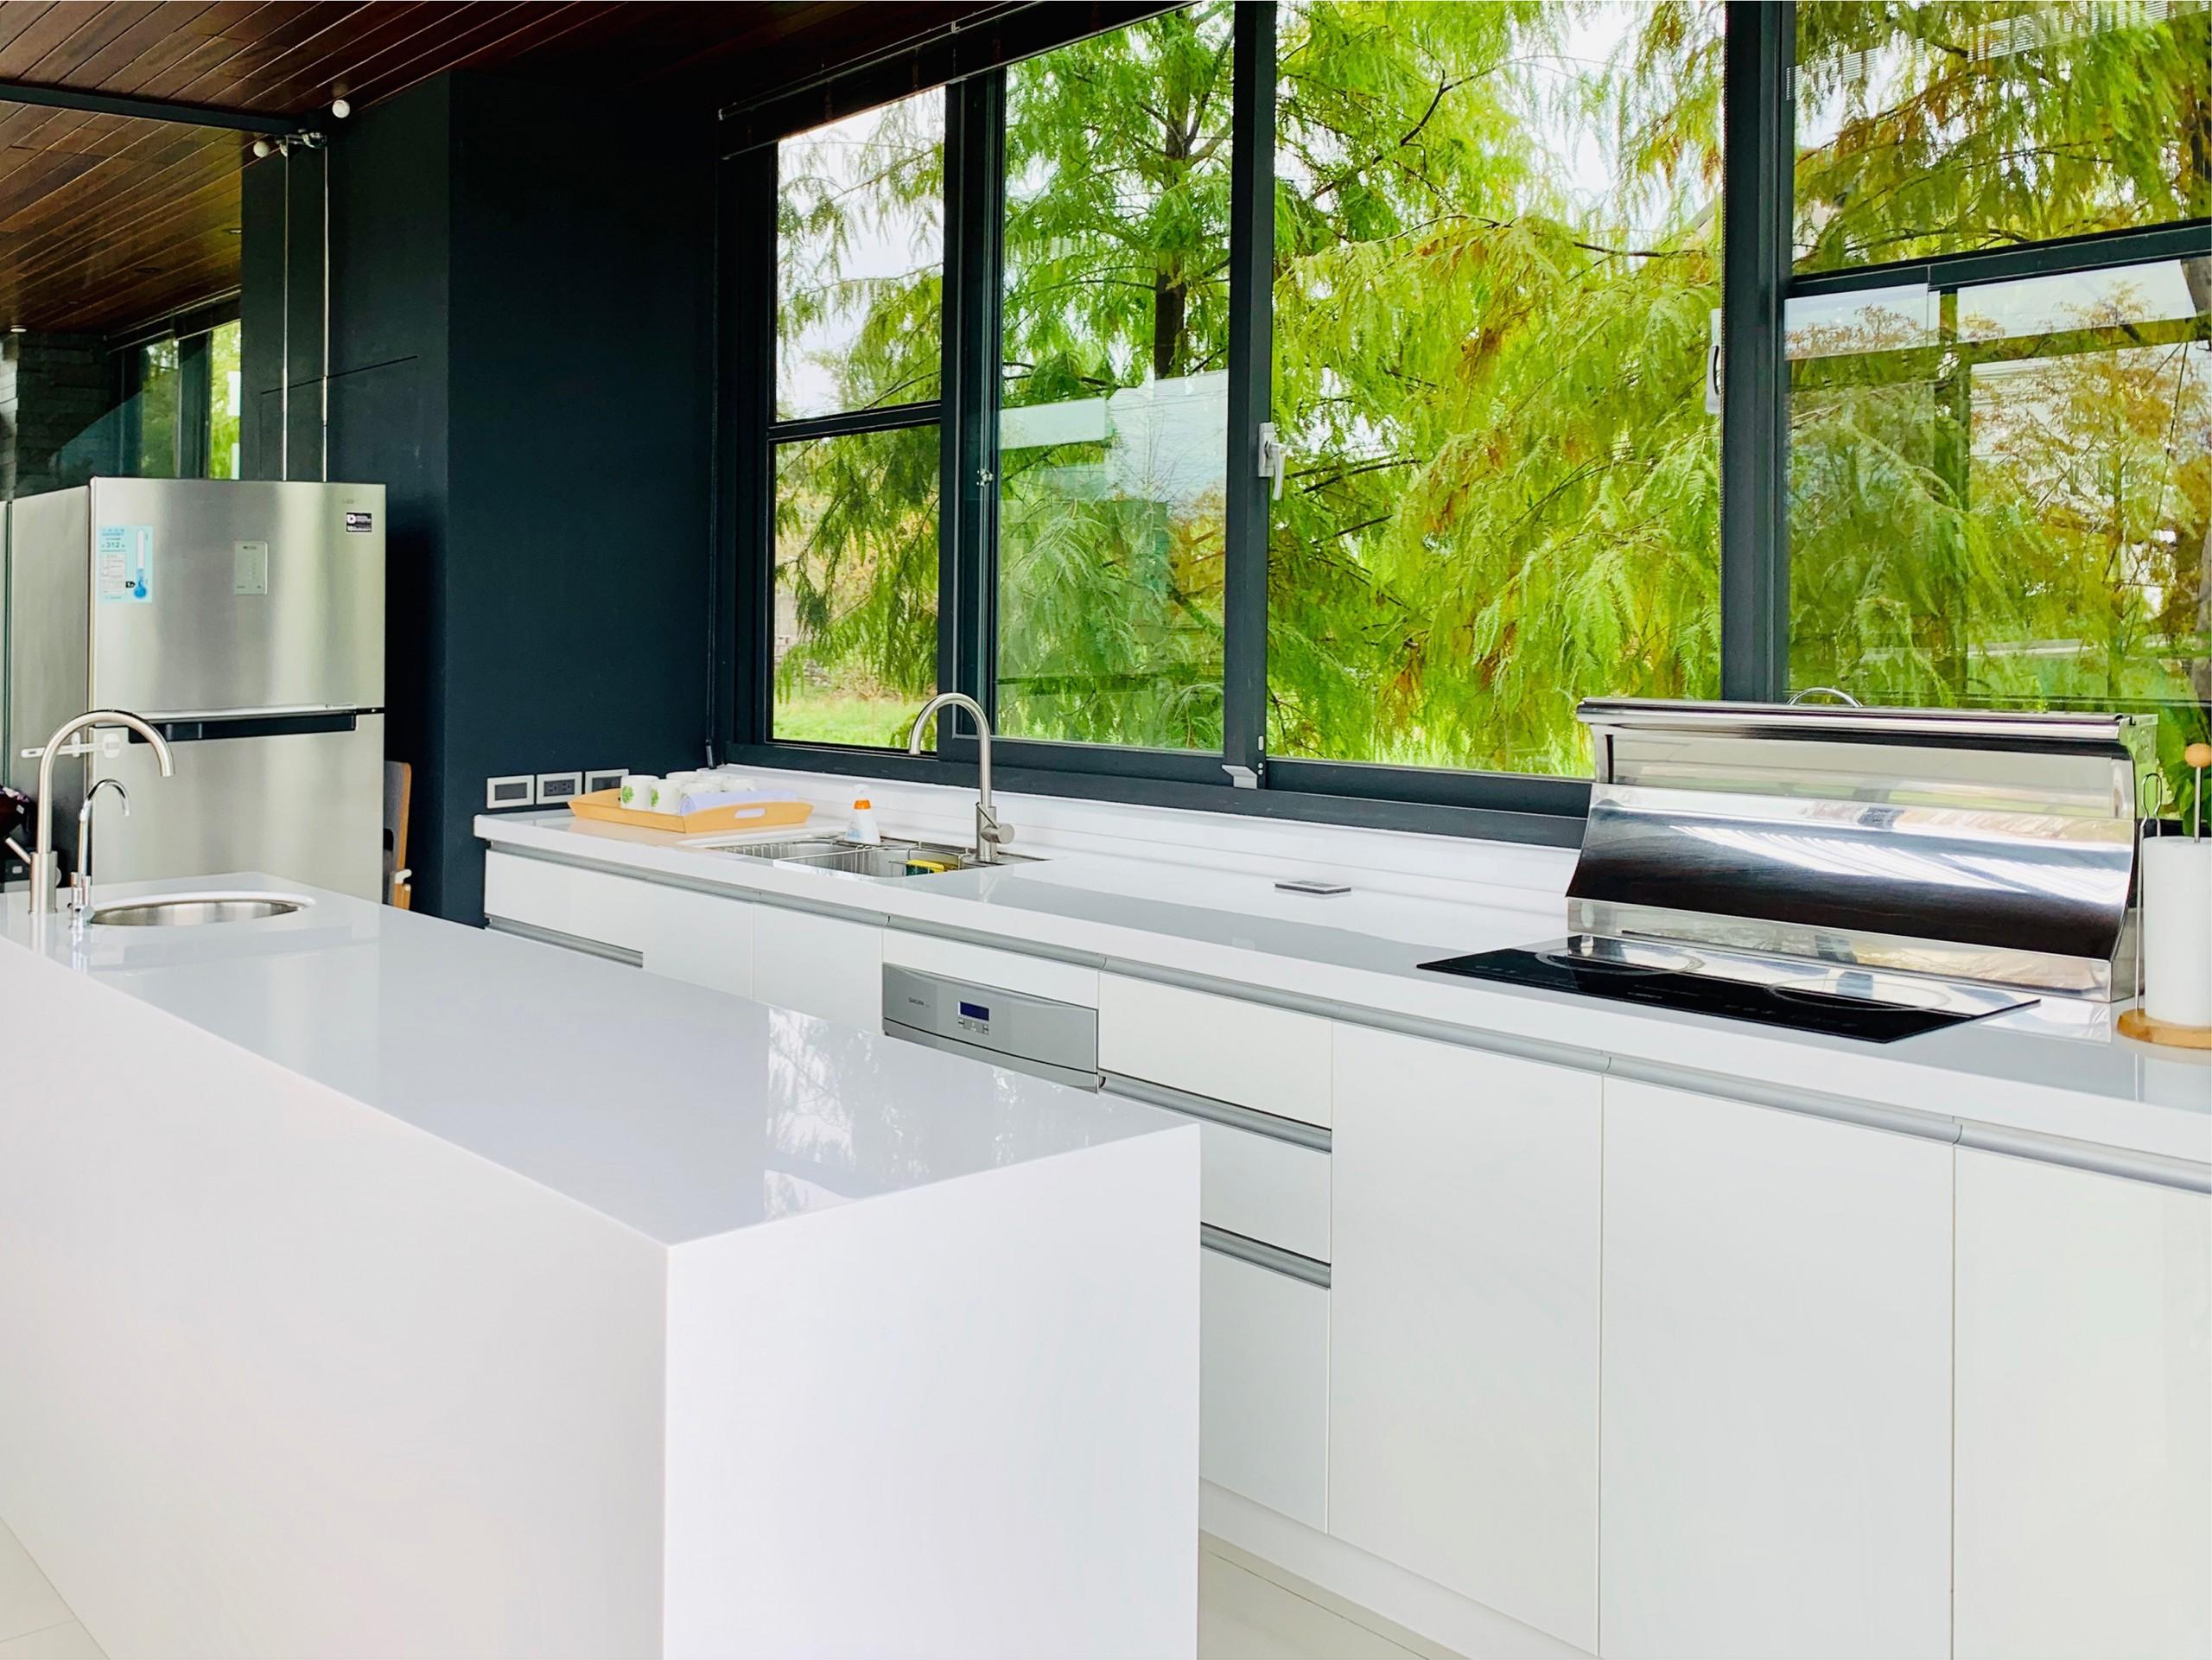 德築-DEZU-project-築米-廚房設備-歐洲進口面材-2